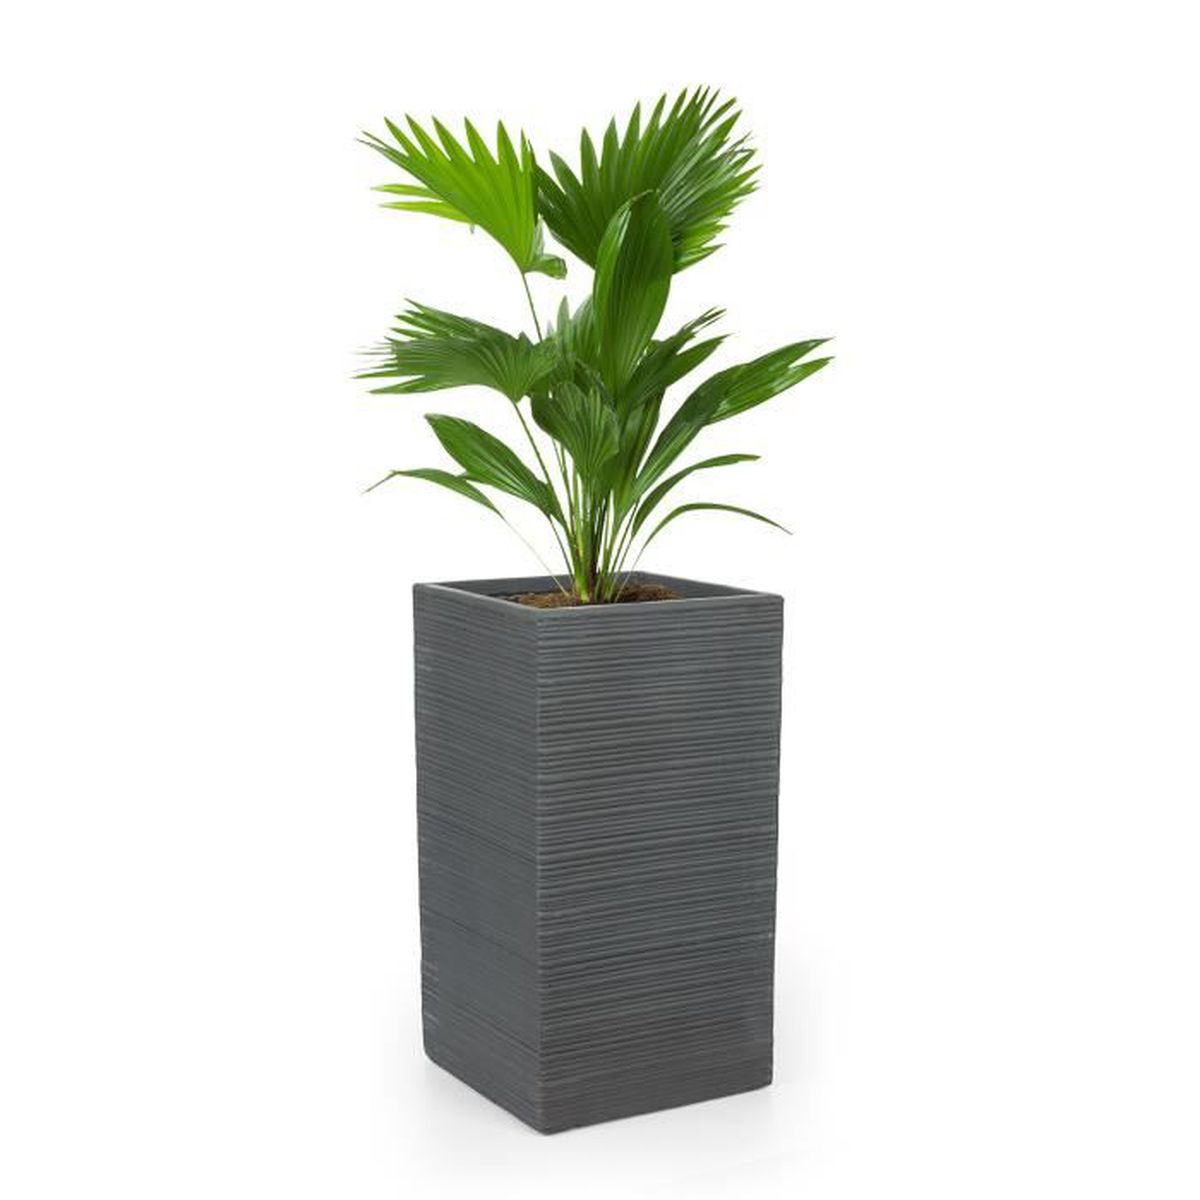 Bac Pour Arbuste De Jardin blumfeldt luxflor - pot de fleurs jardinière - 35 x 65 x 35 cm - fibre de  verre aspect béton - intérieur-extérieur- gris foncé